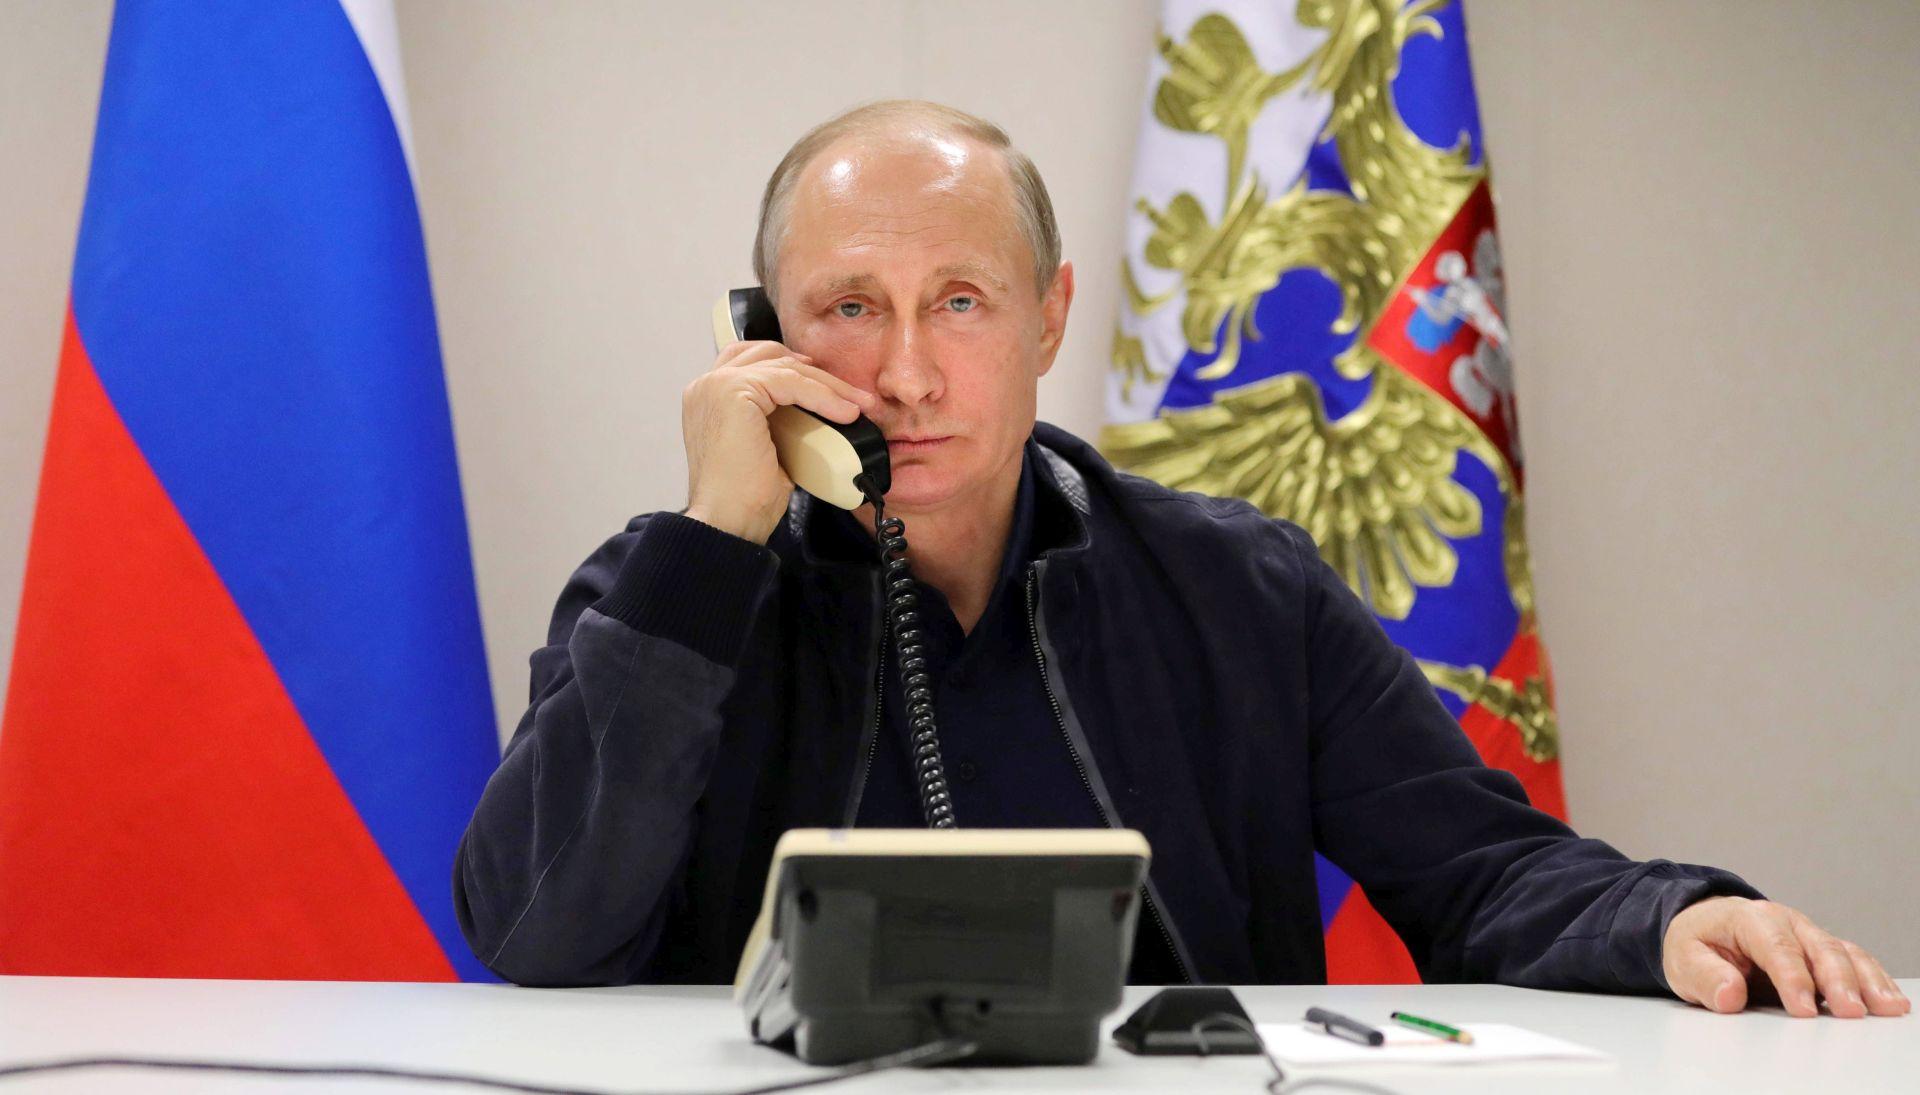 KOLEBLJIVAC Putin još nije odlučio hoće li se kandidirati na izborima 2018.